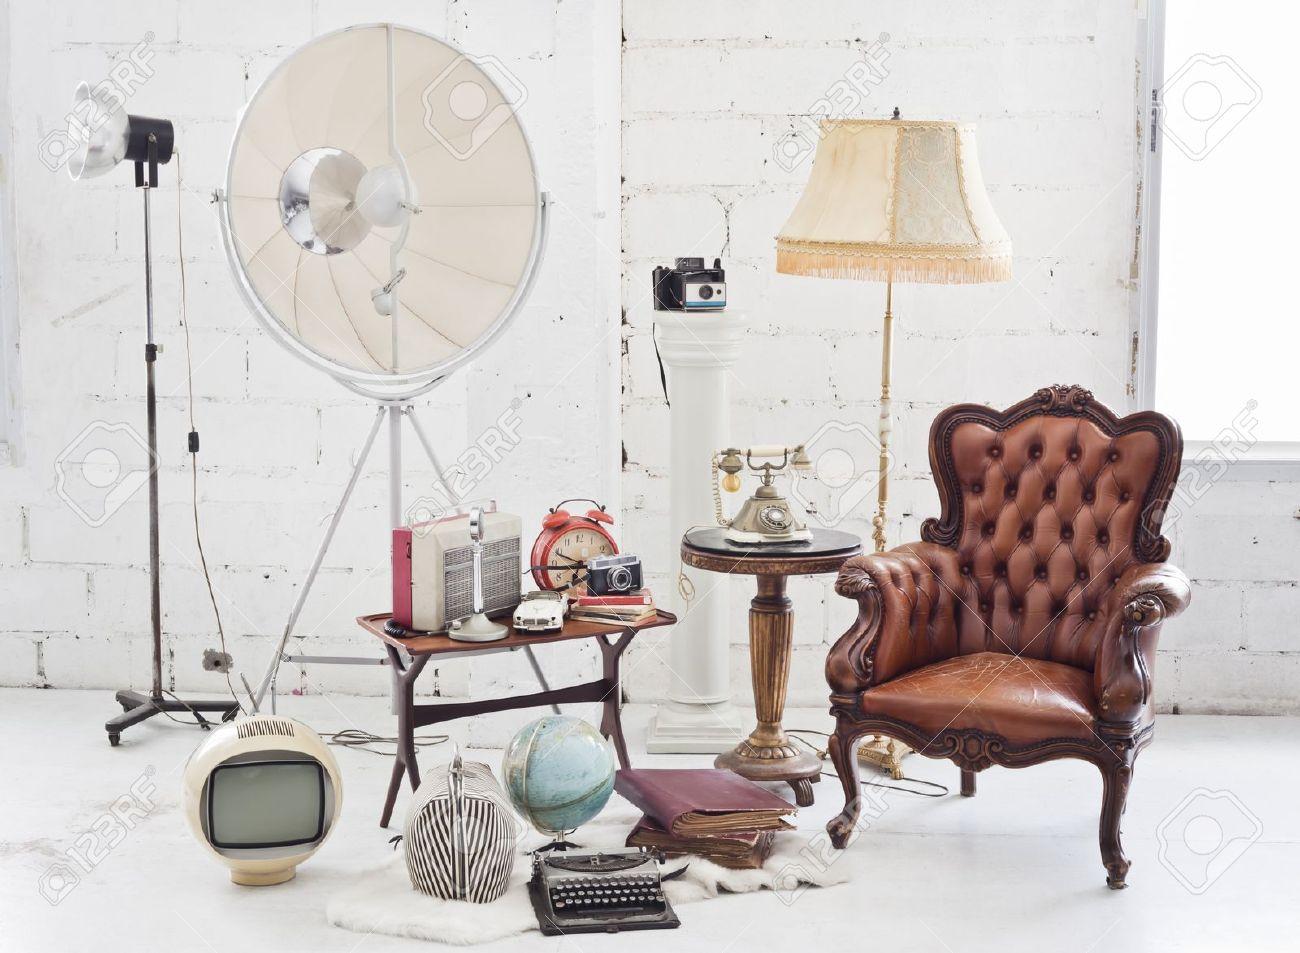 Vintage meubel royalty vrije foto's, plaatjes, beelden en stock ...